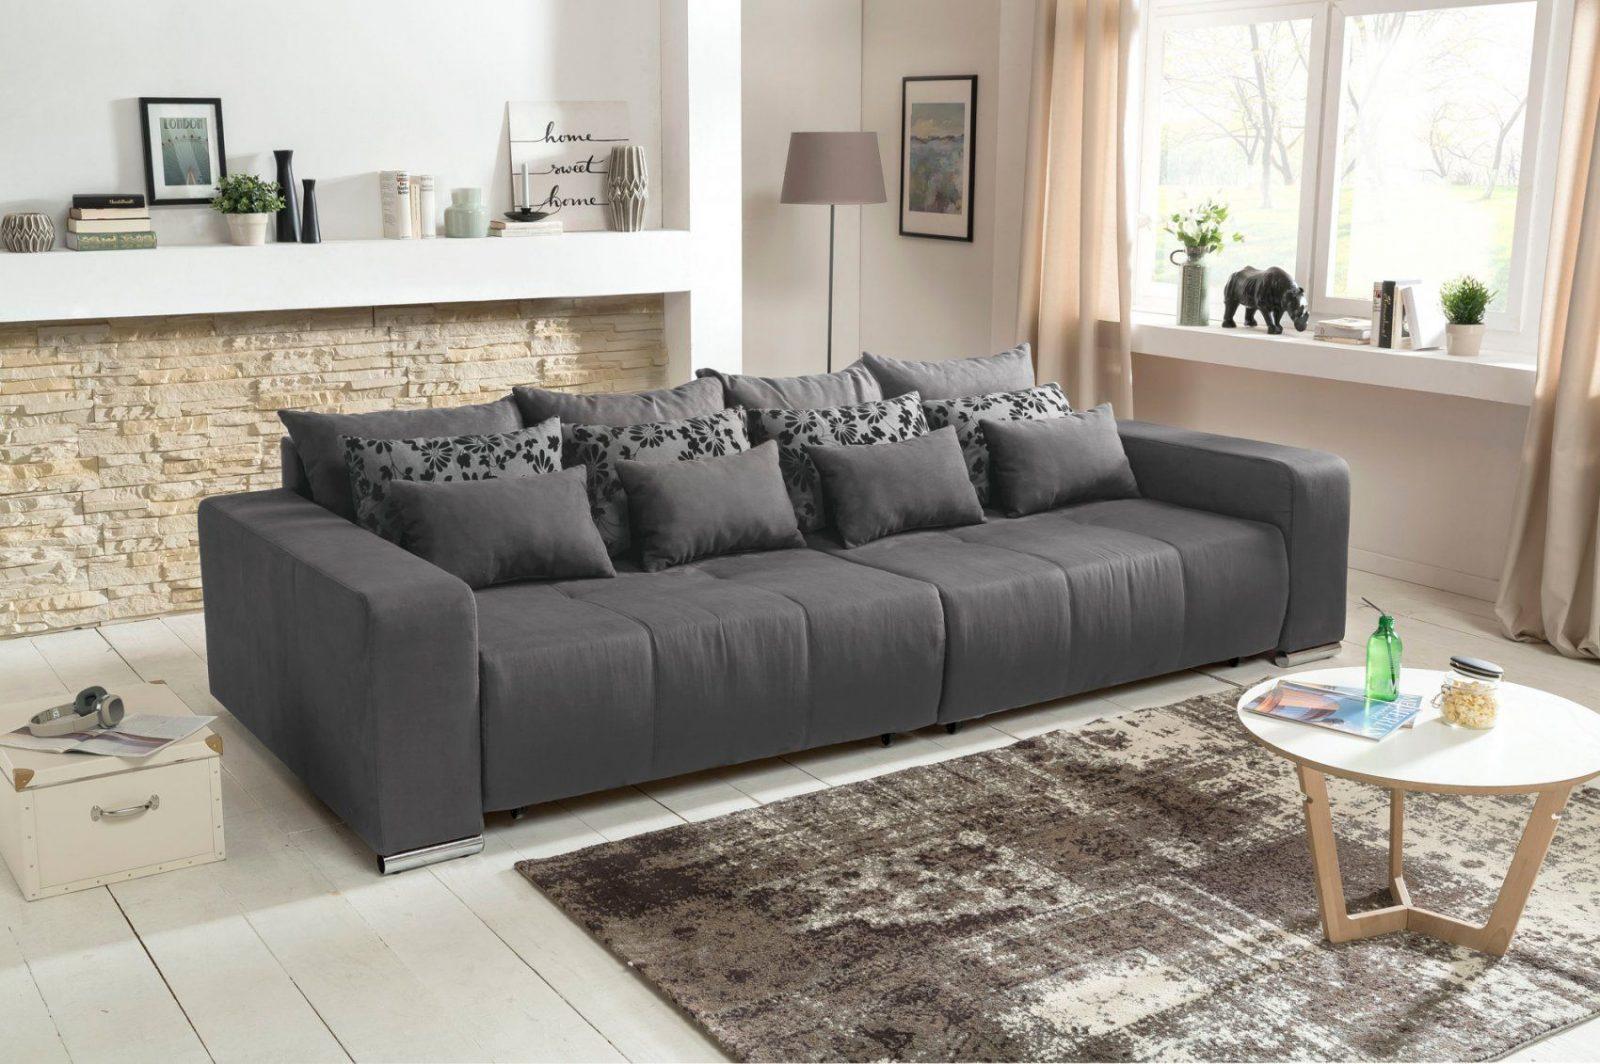 moderne und g nstige polsterm bel kaufen lifestyle4living von moderne sofas f r kleine r ume. Black Bedroom Furniture Sets. Home Design Ideas